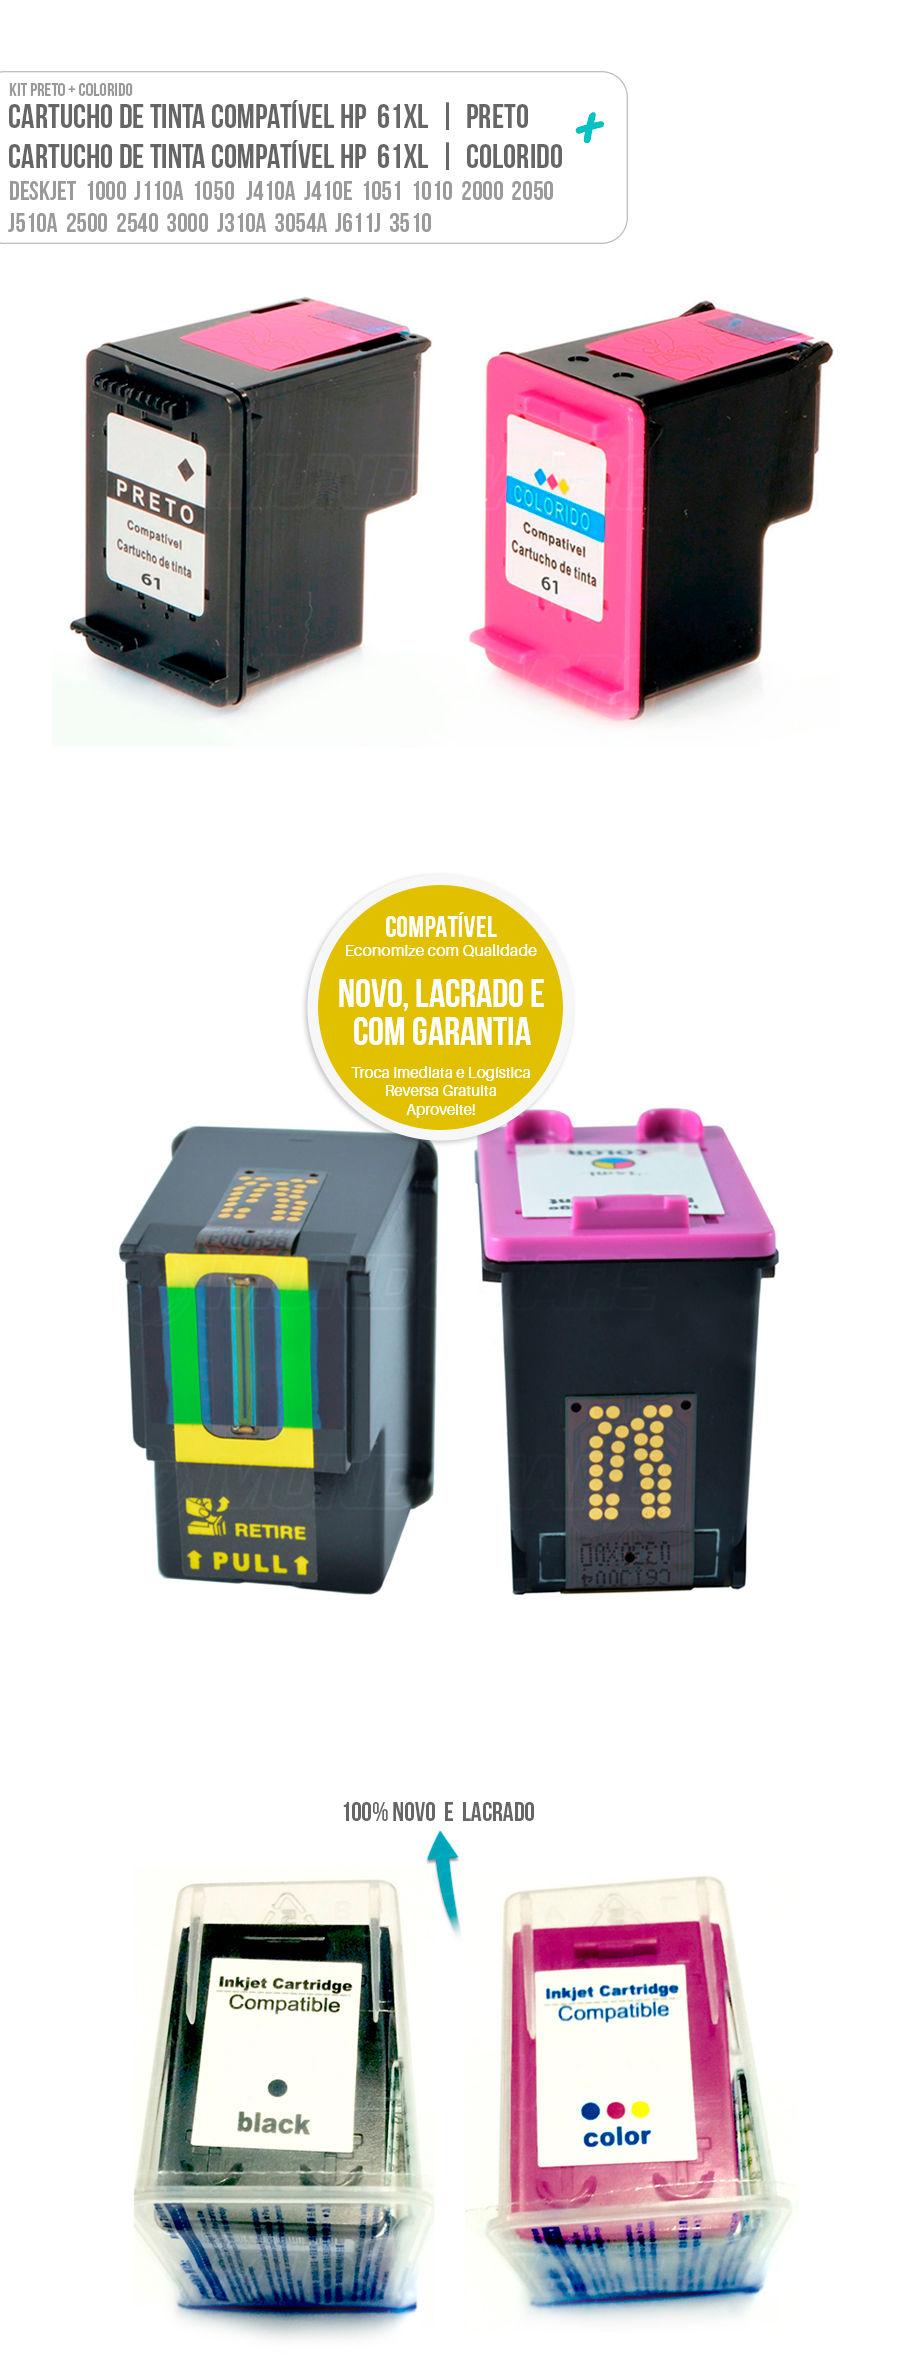 Cartucho de Tinta Deskjet Deskjet 1000 J110A 1050 J410A J410E 1051 1010 2000 2050 J510A 2500 2540 3000 J310A 3054A J611J 3510